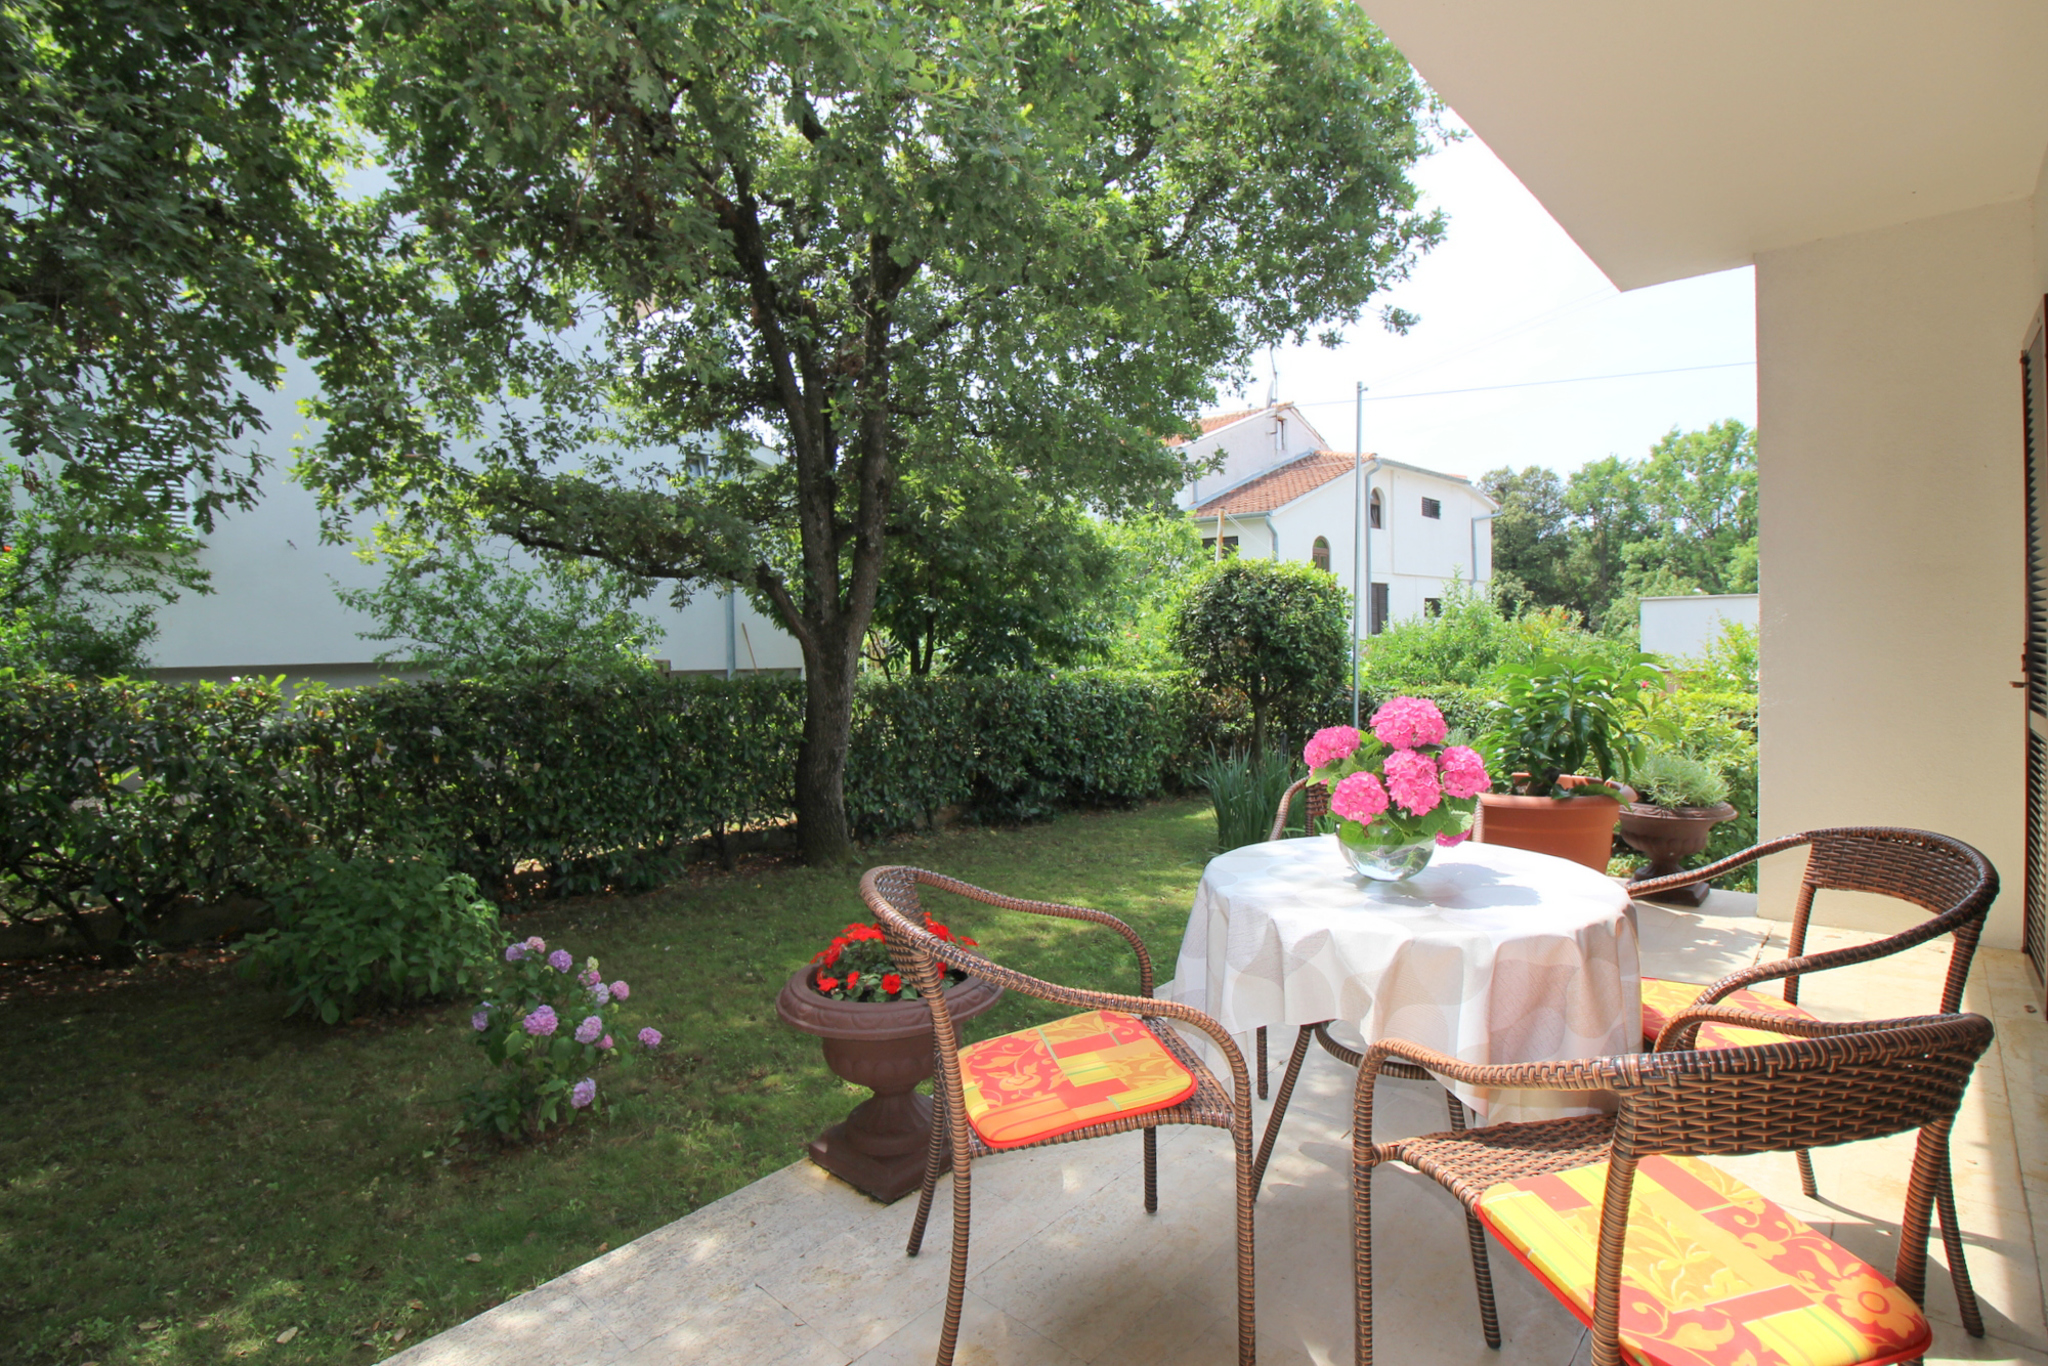 Ferienwohnung in ruhige Lage und 400 m zum Strand (280321), Porec, , Istrien, Kroatien, Bild 12